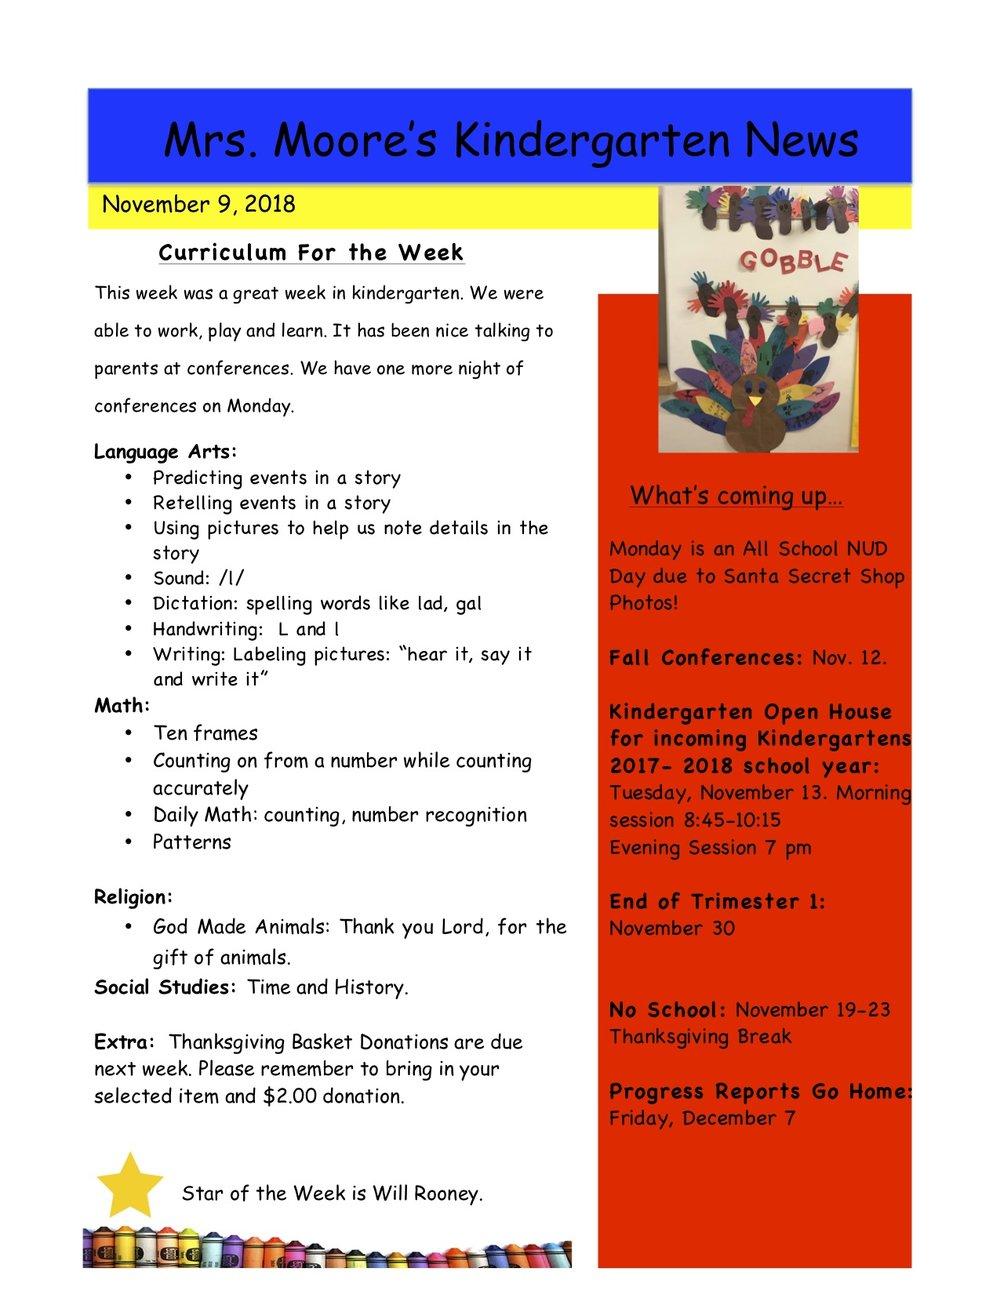 MooreNewsletter Week 11-10-18.jpg